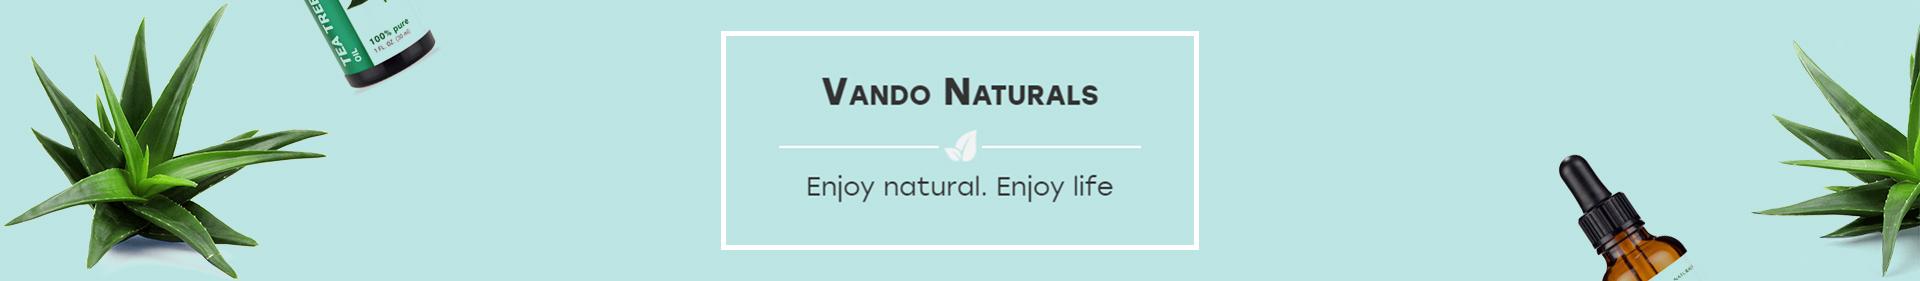 Vando Naturals